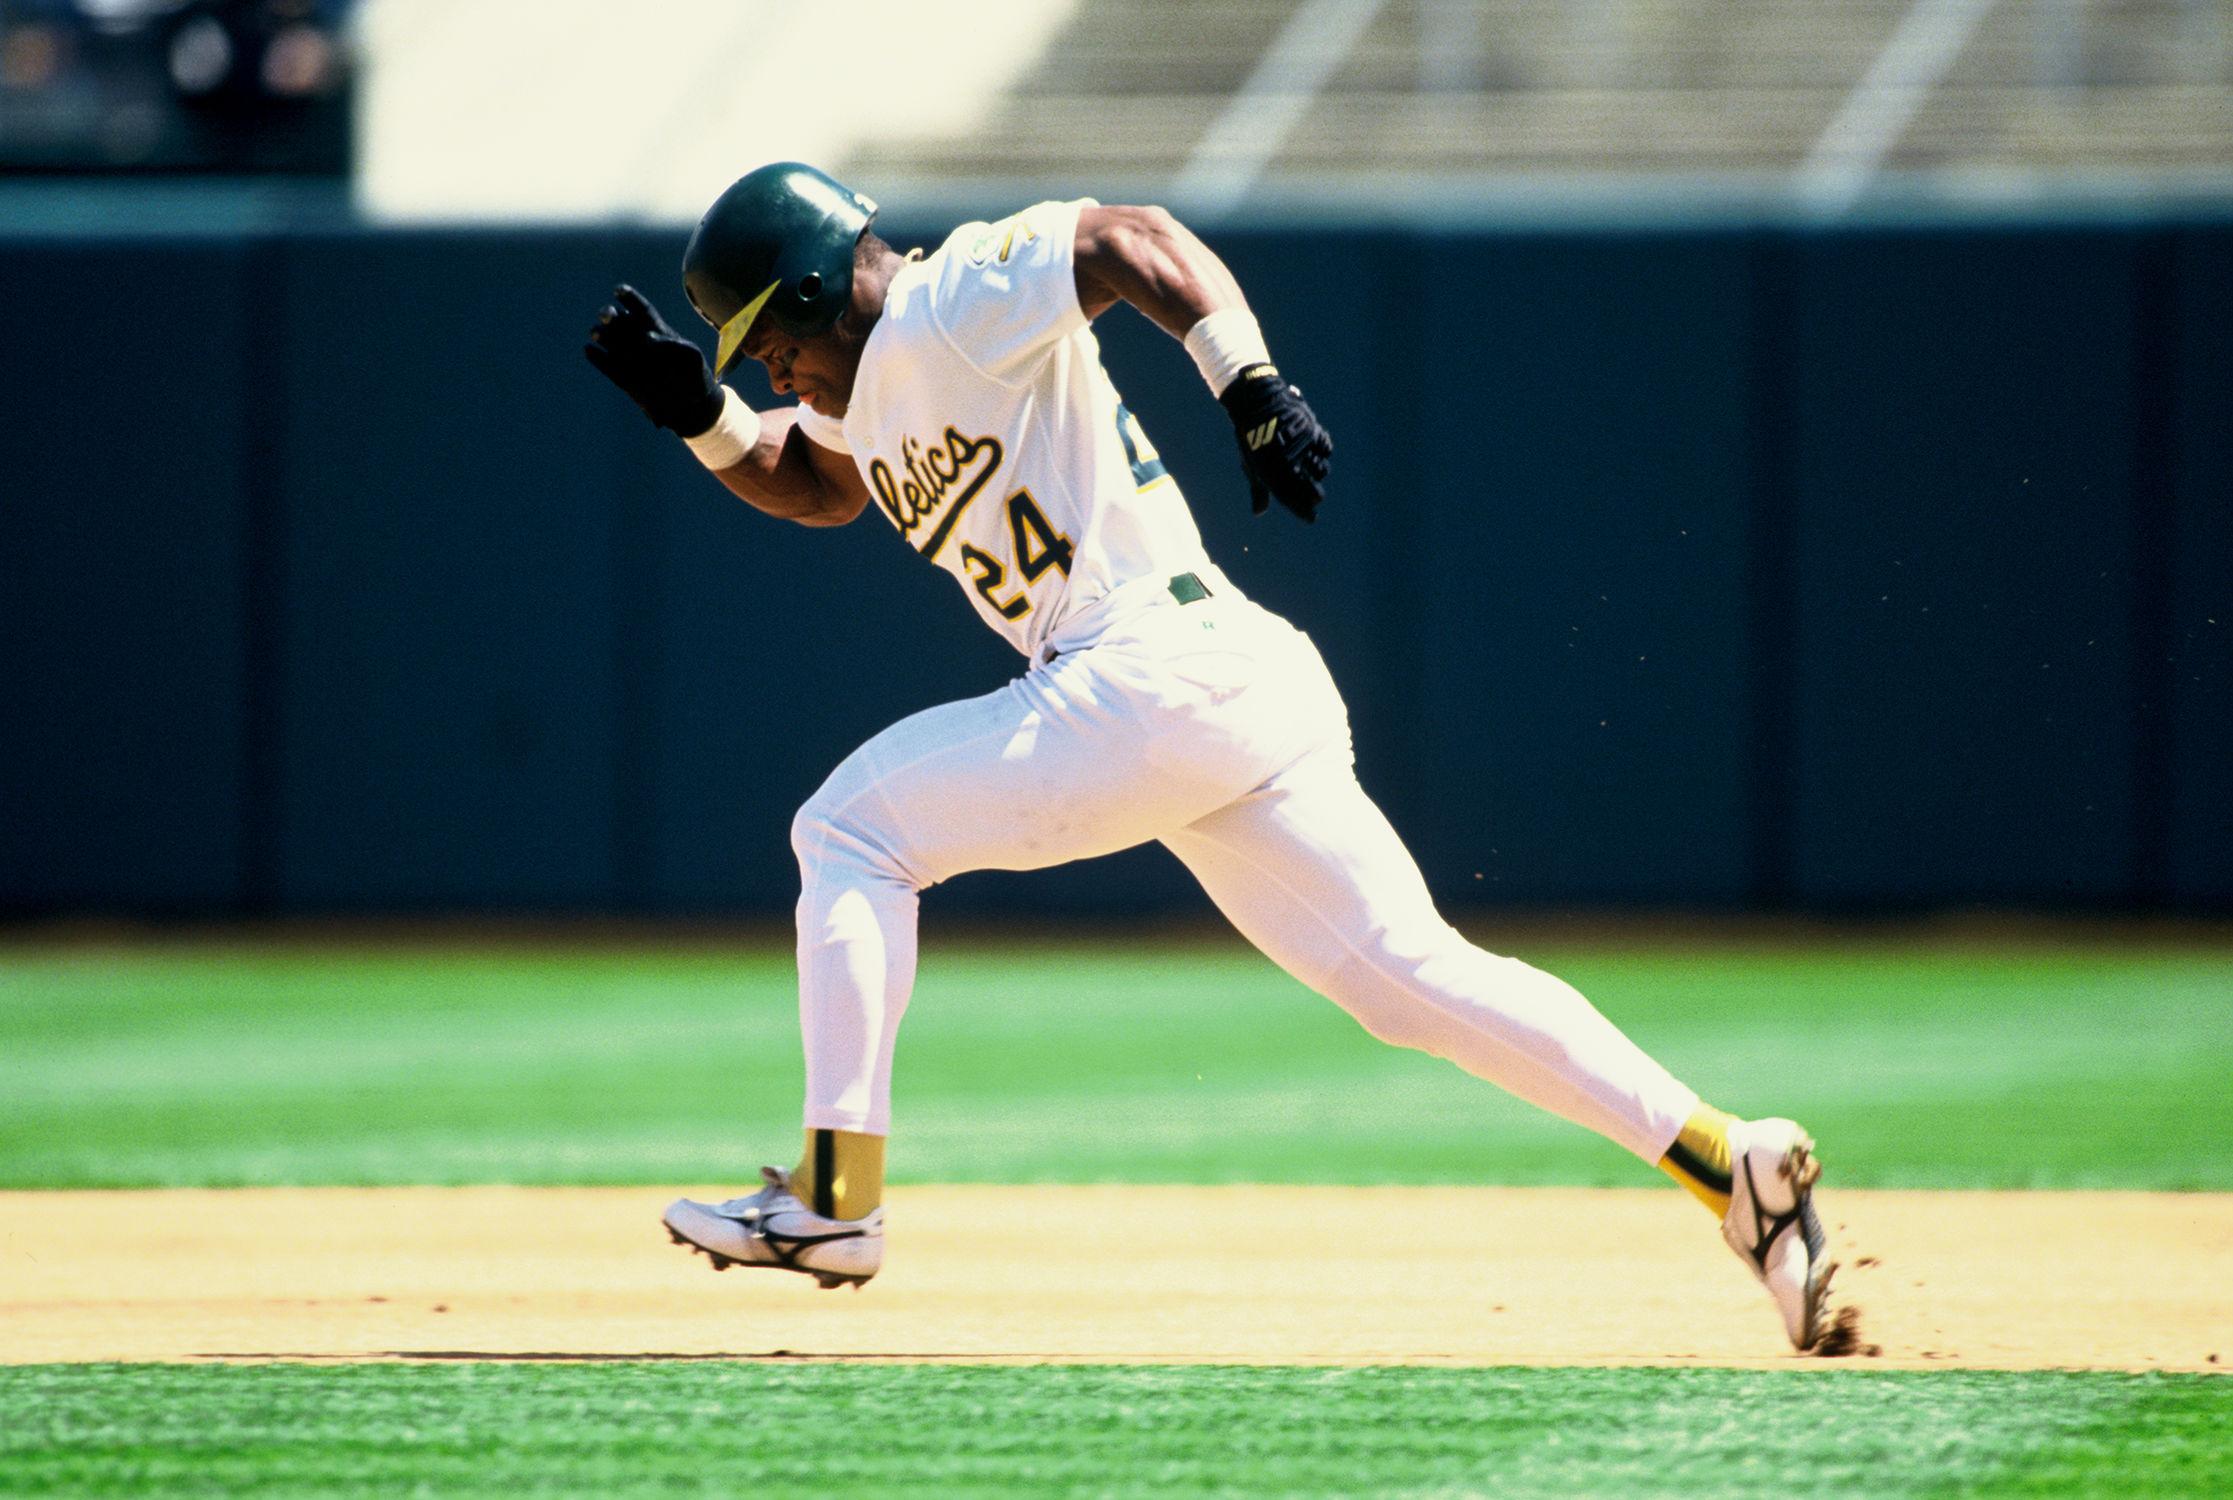 Credit: National Baseball Hall of Fame